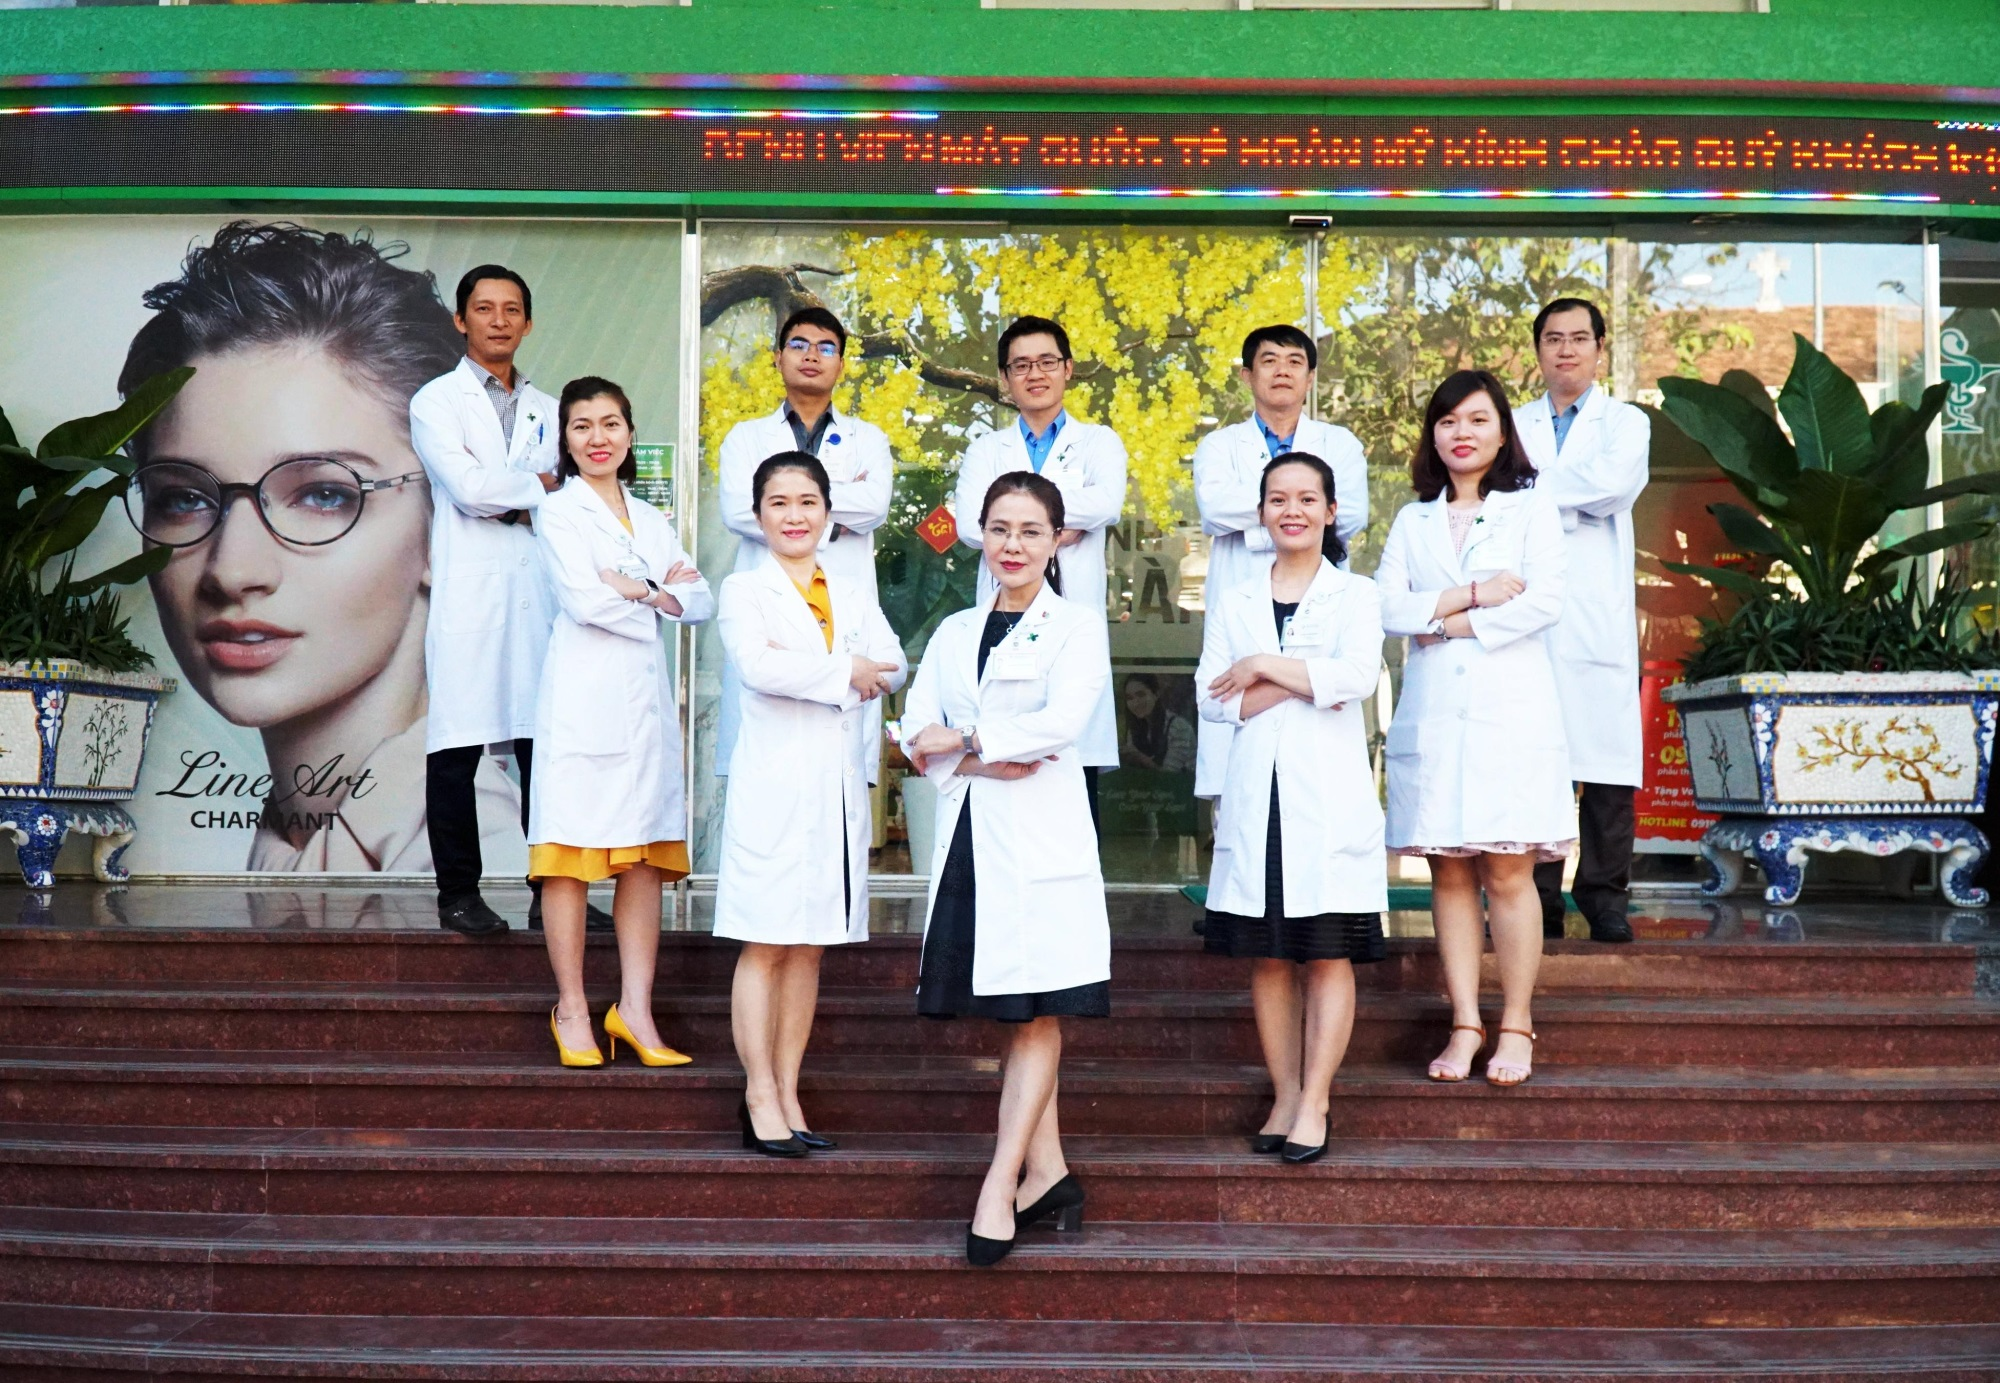 Bệnh viện Mắt Quốc tế Hoàn Mỹ - Triển khai ưu đãi nhân dịp kỷ niệm 23 năm thành lập Tập đoàn Y khoa - Ảnh 1